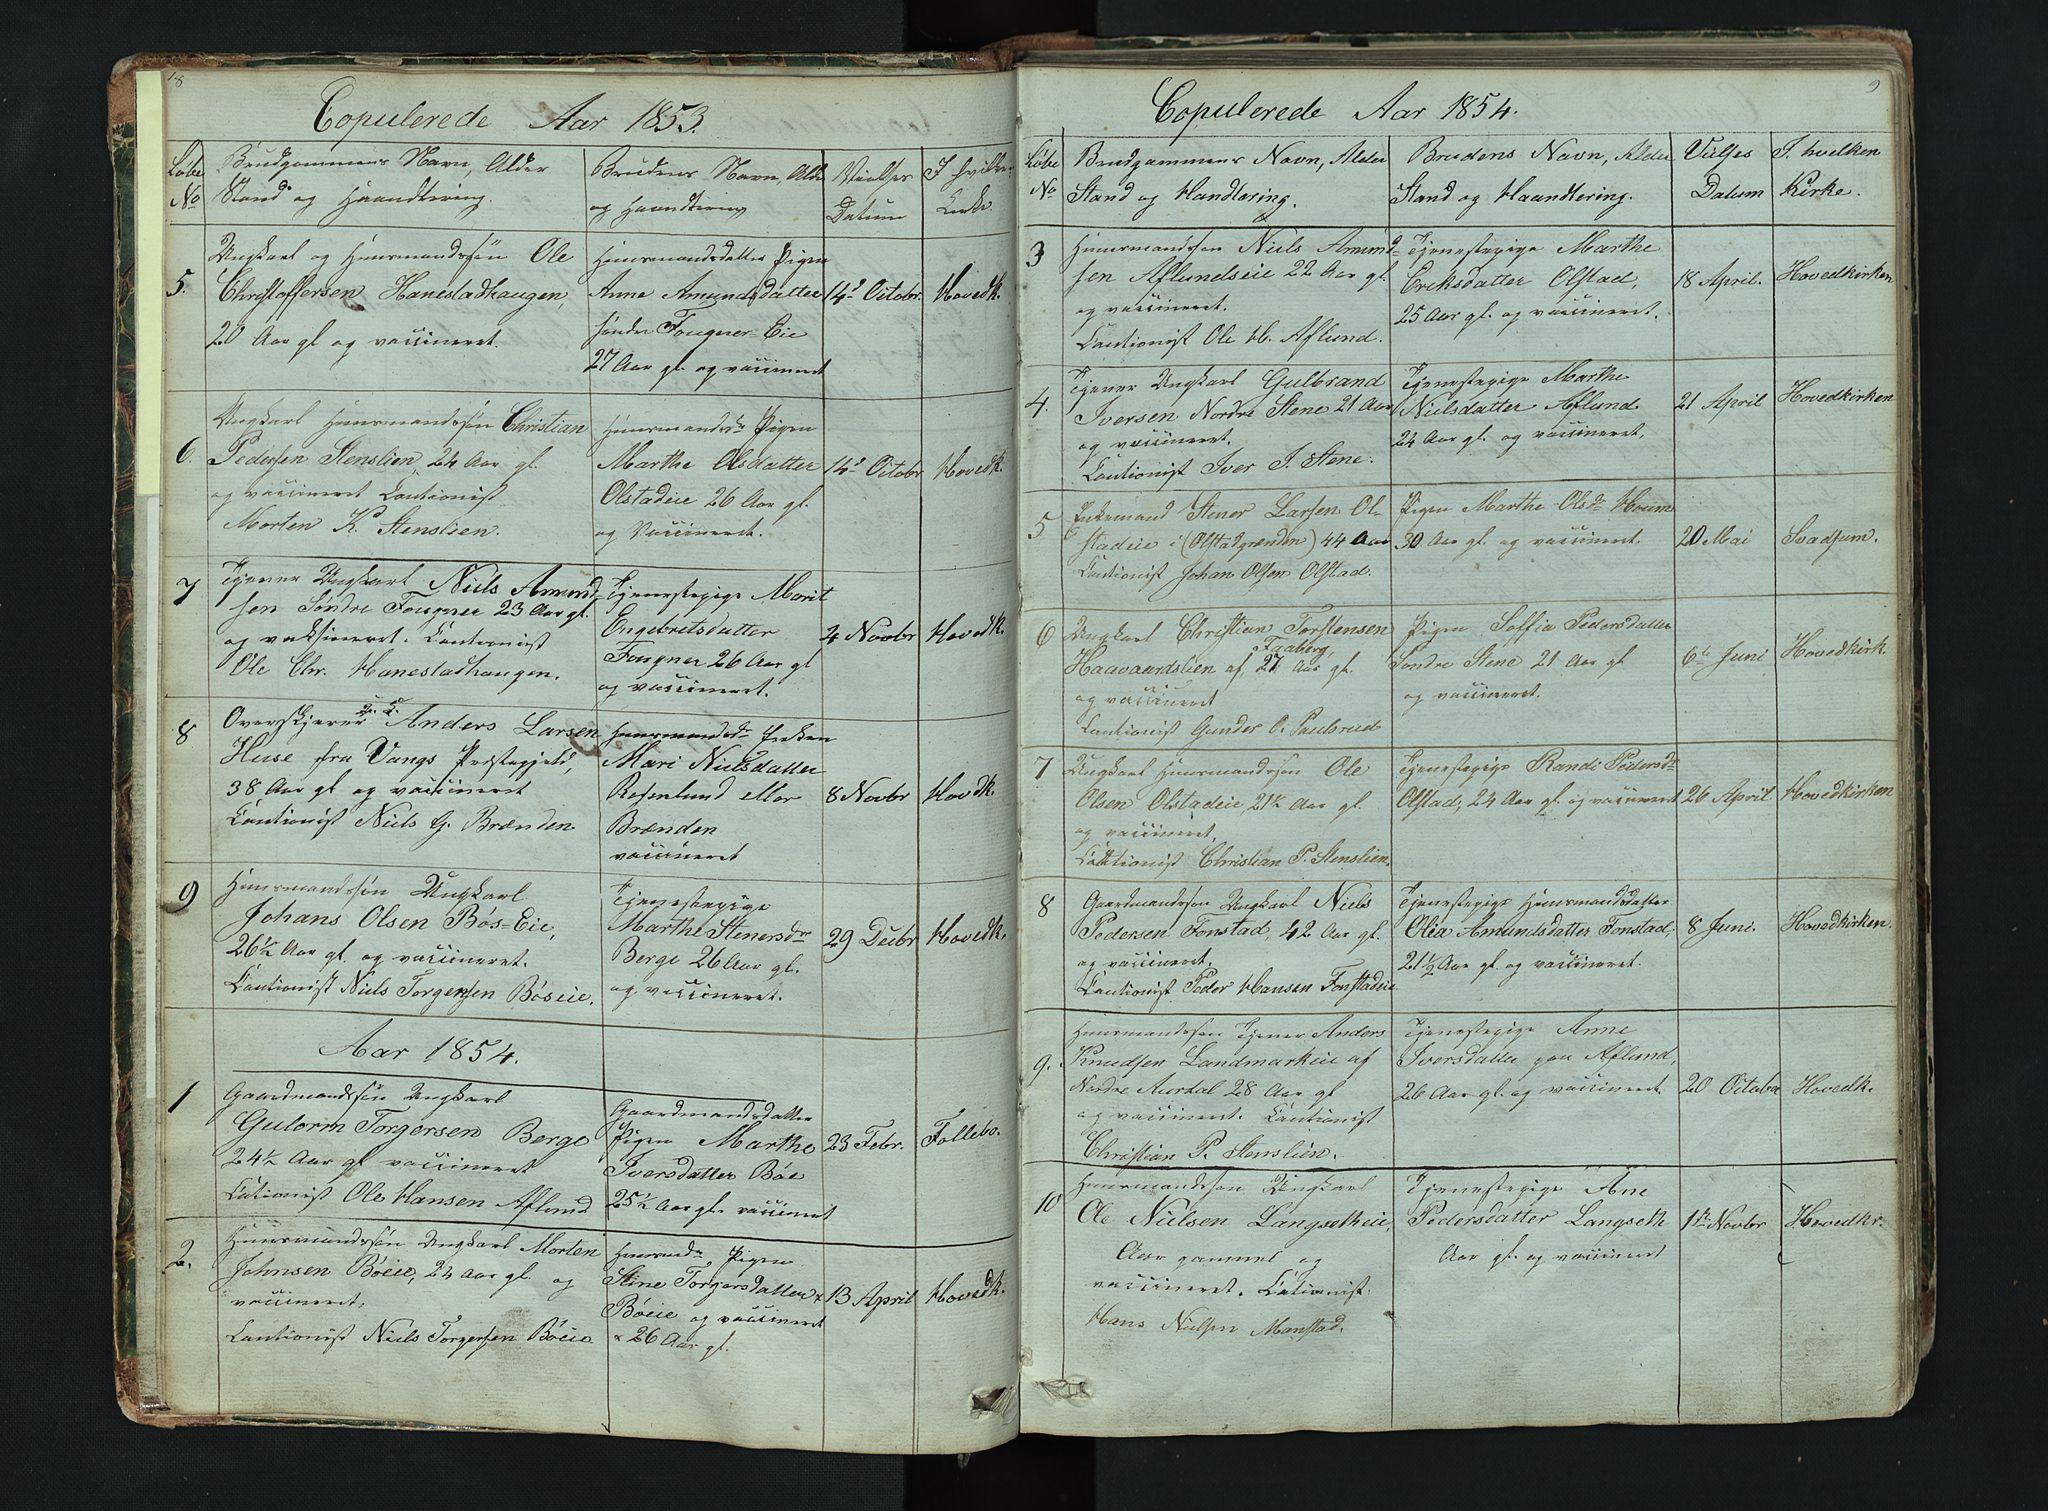 SAH, Gausdal prestekontor, Klokkerbok nr. 6, 1846-1893, s. 8-9